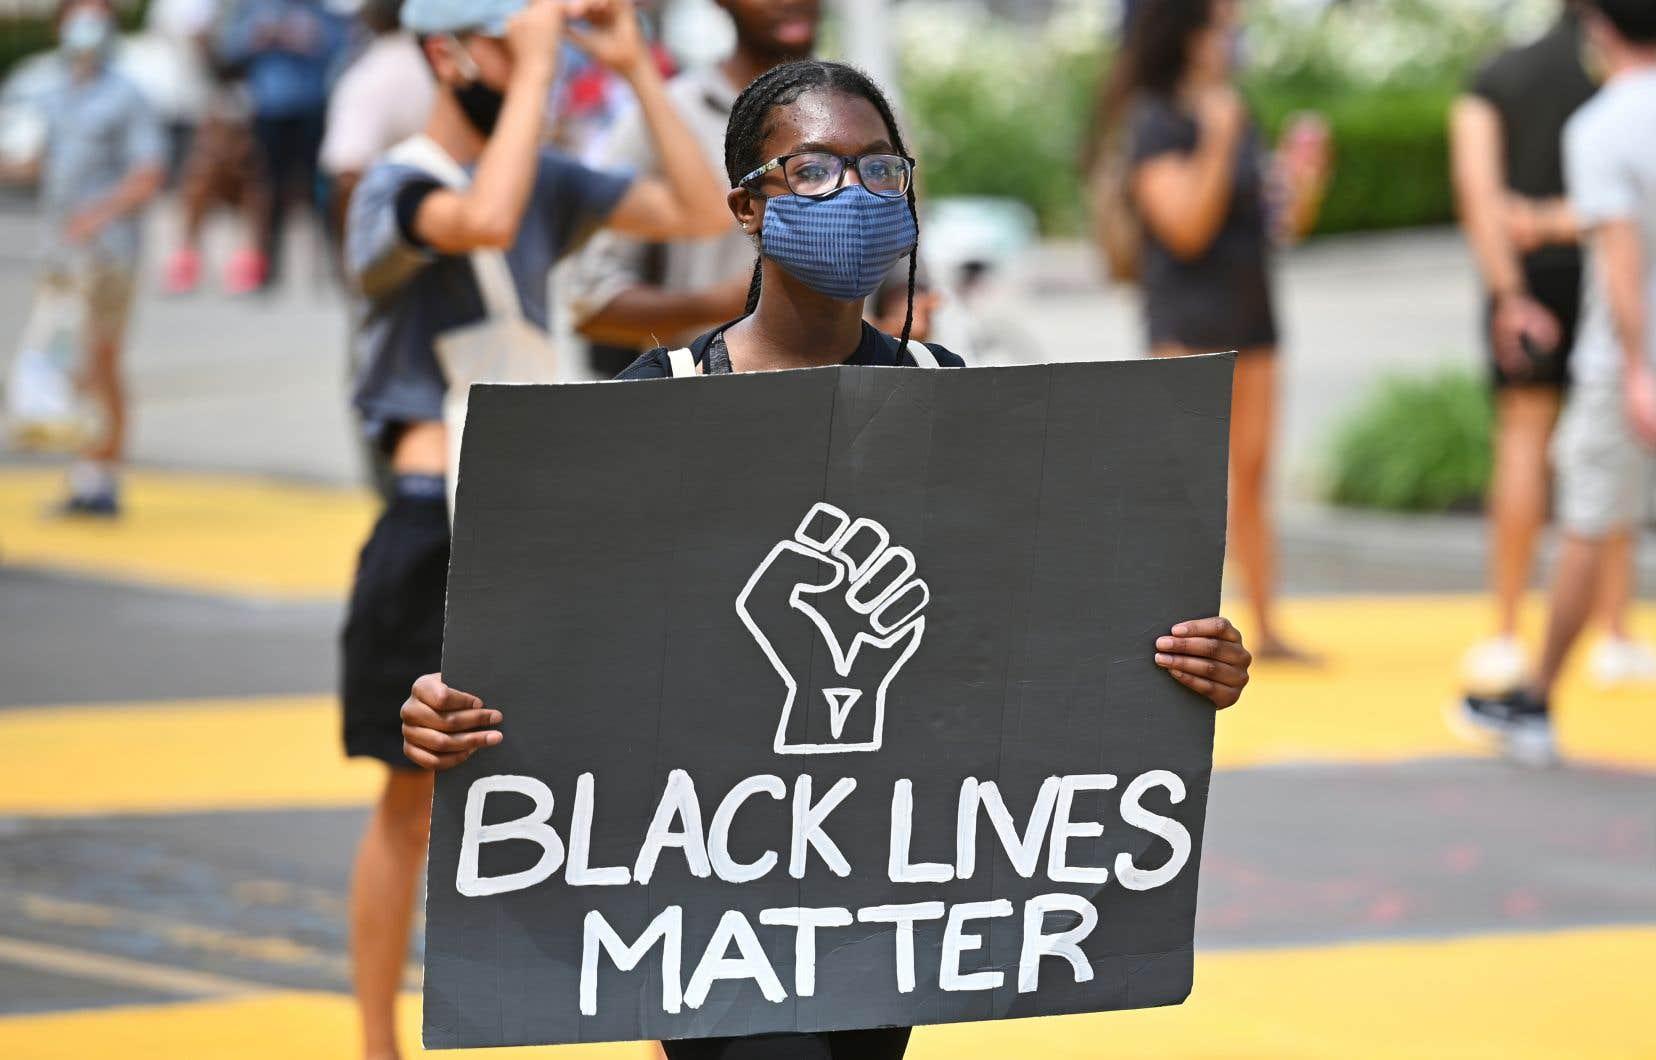 Une manifestante a brandi une affiche pour dénoncer les brutalités policières à l'encontre de la minorité noire.